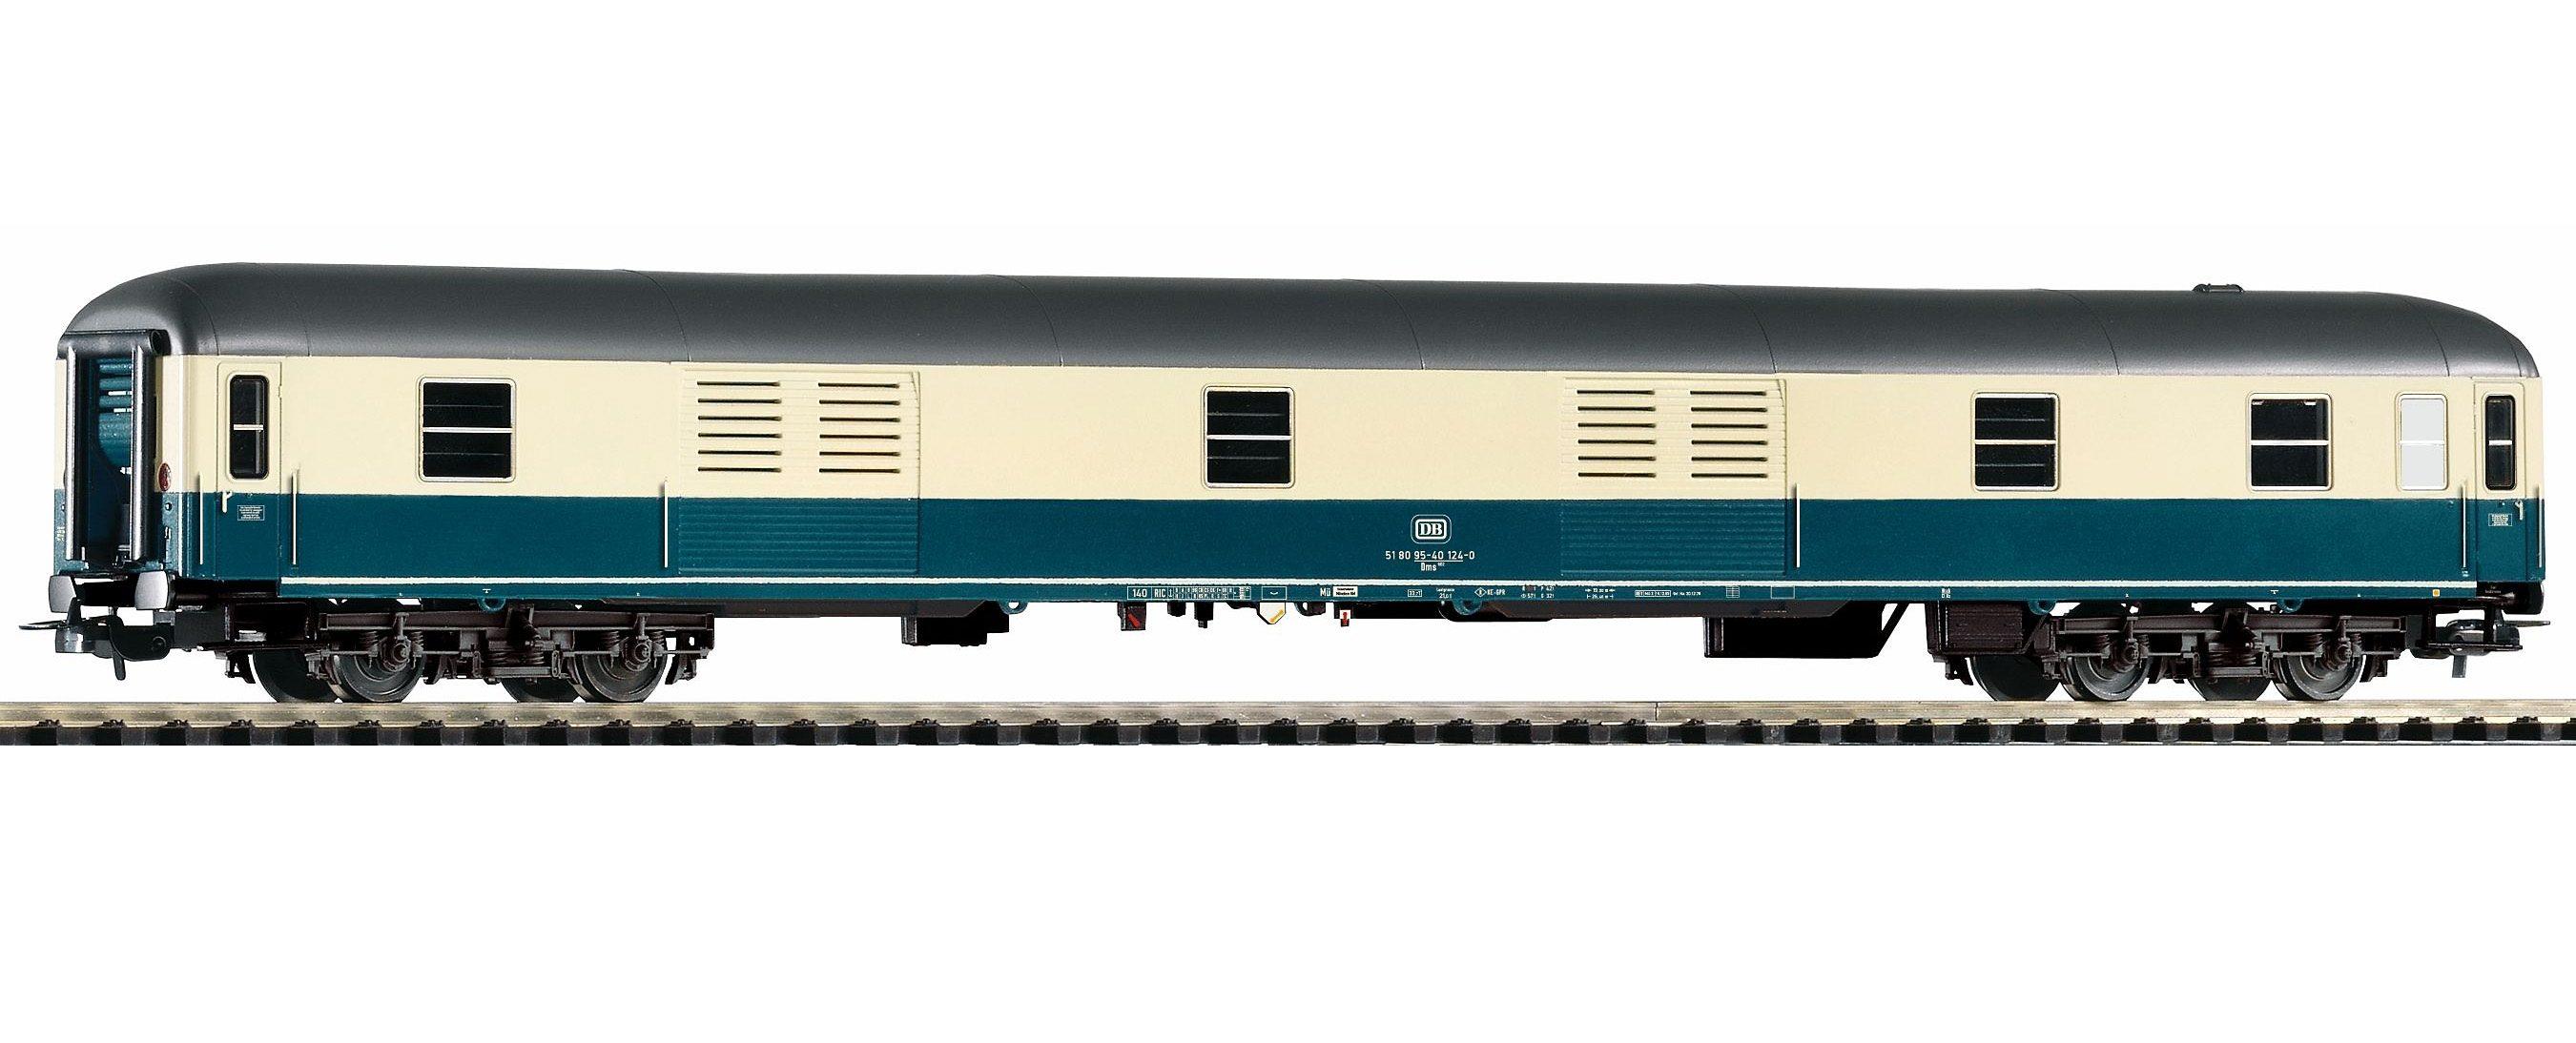 PIKO Personenwagen, »Schnellzugpackwagen Dm 902, DB - Gleichstrom« Spur H0